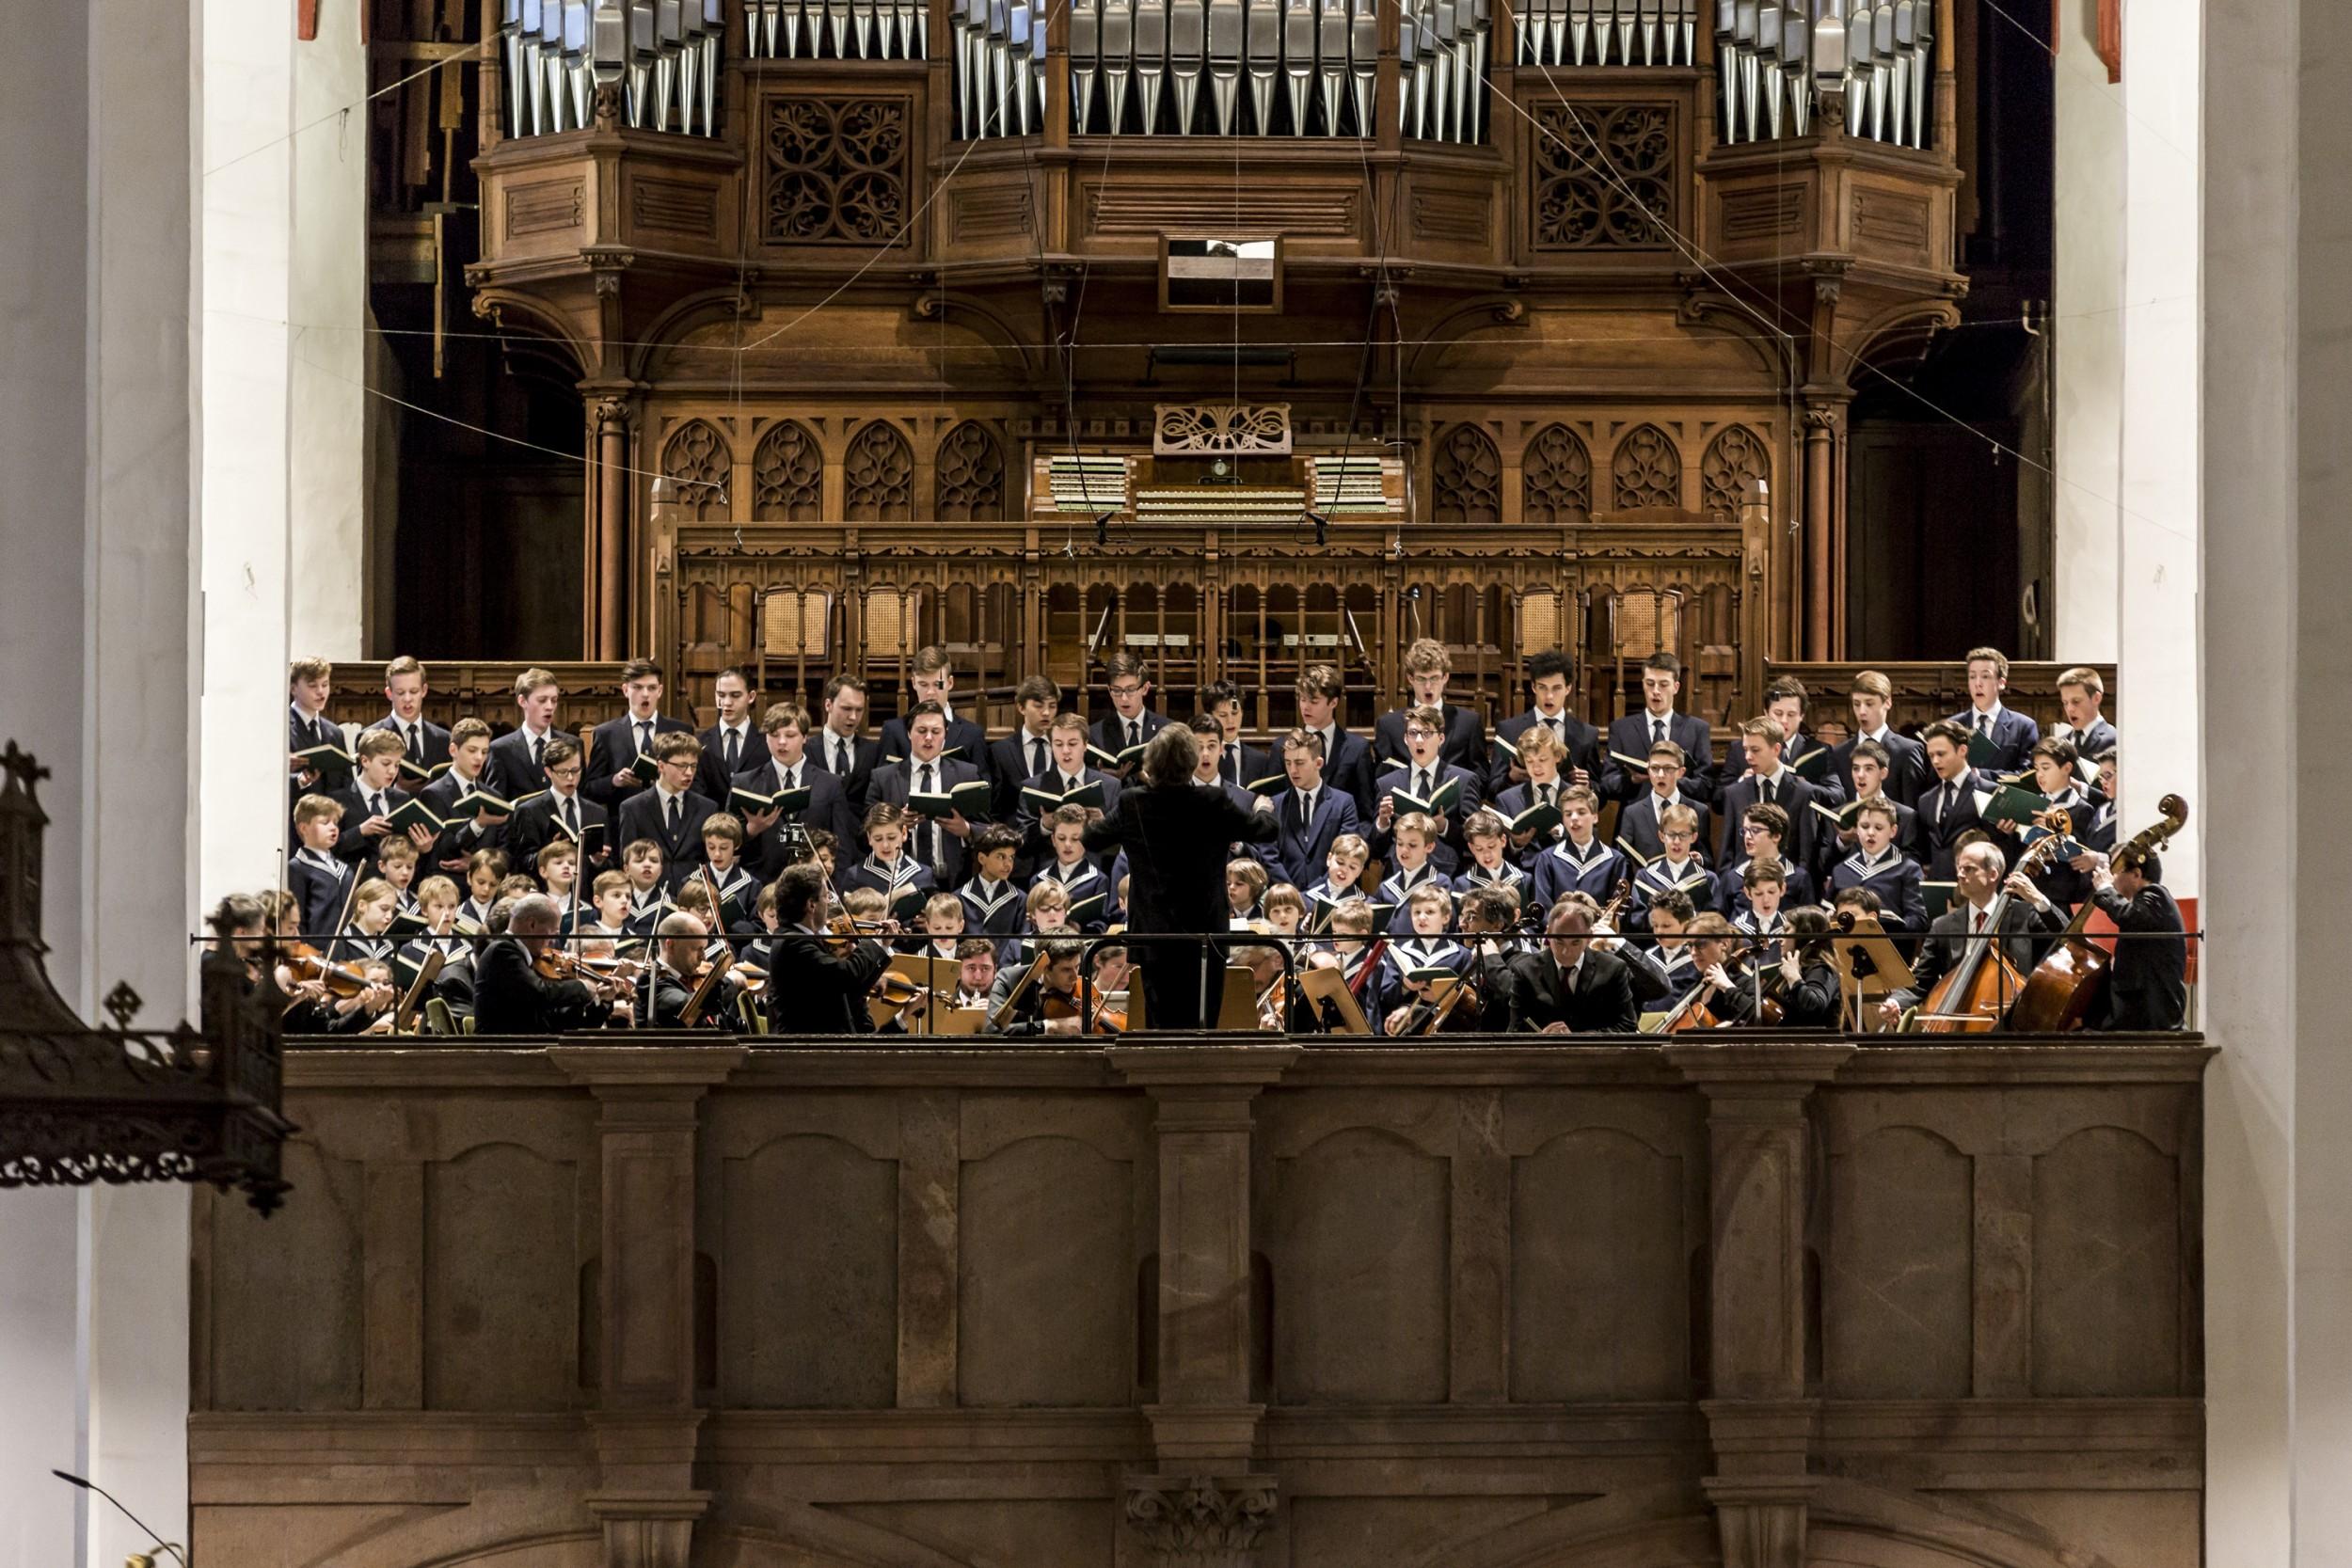 Foto: Aufführung der Johannes-Passion 2017